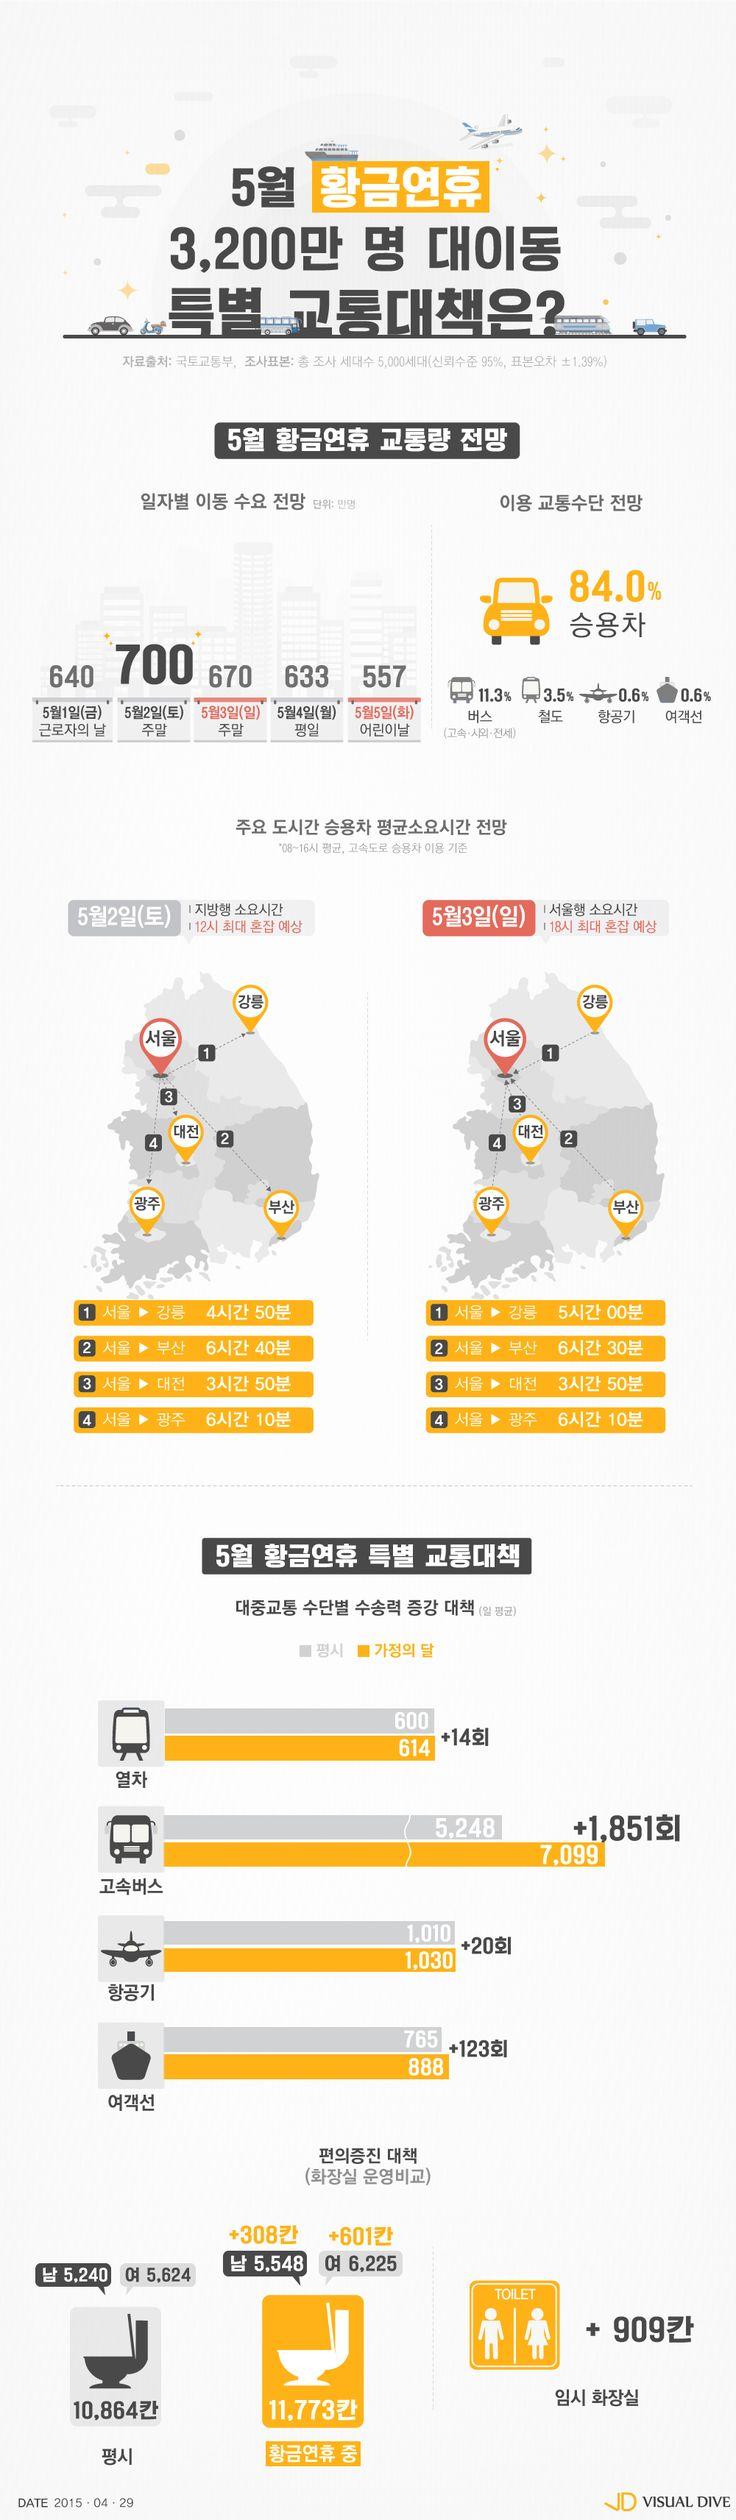 '5월 황금연휴' 3,200만 명 대이동…2일 가장 붐벼 [인포그래픽] #holiday / #Infographic ⓒ 비주얼다이브 무단 복사·전재·재배포 금지